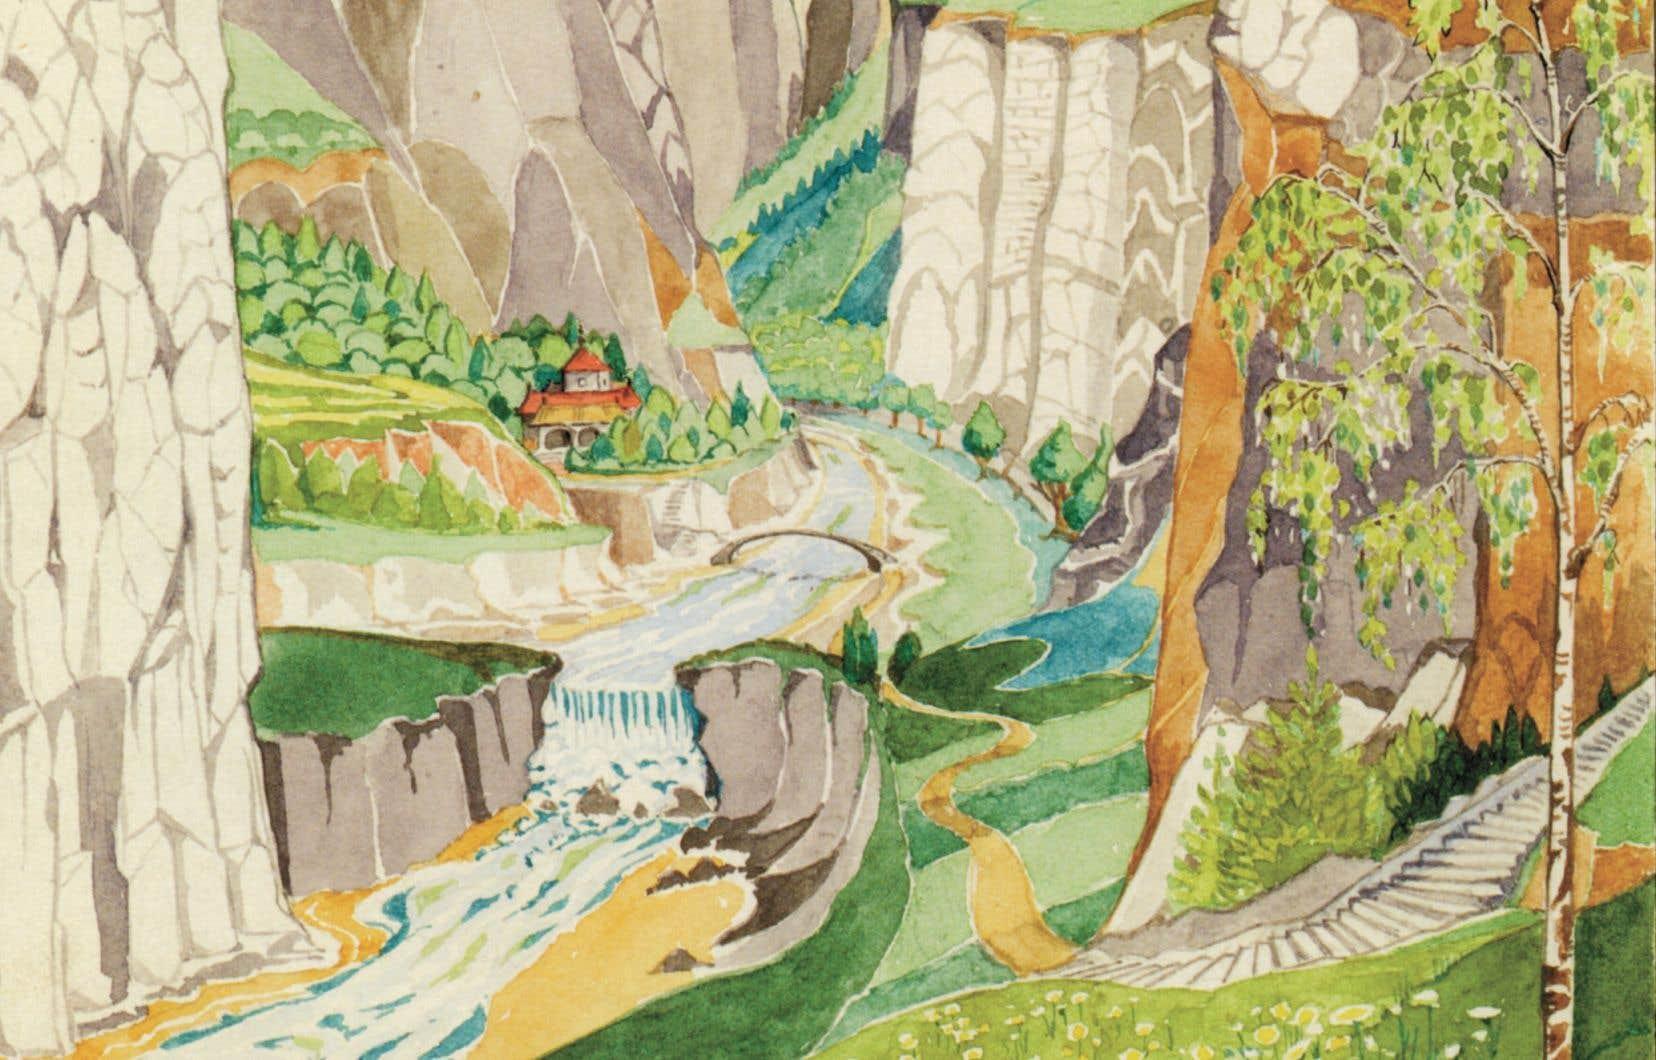 L'ouvrage aborde aussi un pan méconnu de l'œuvre de Tolkien: son étonnant talent d'illustrateur.